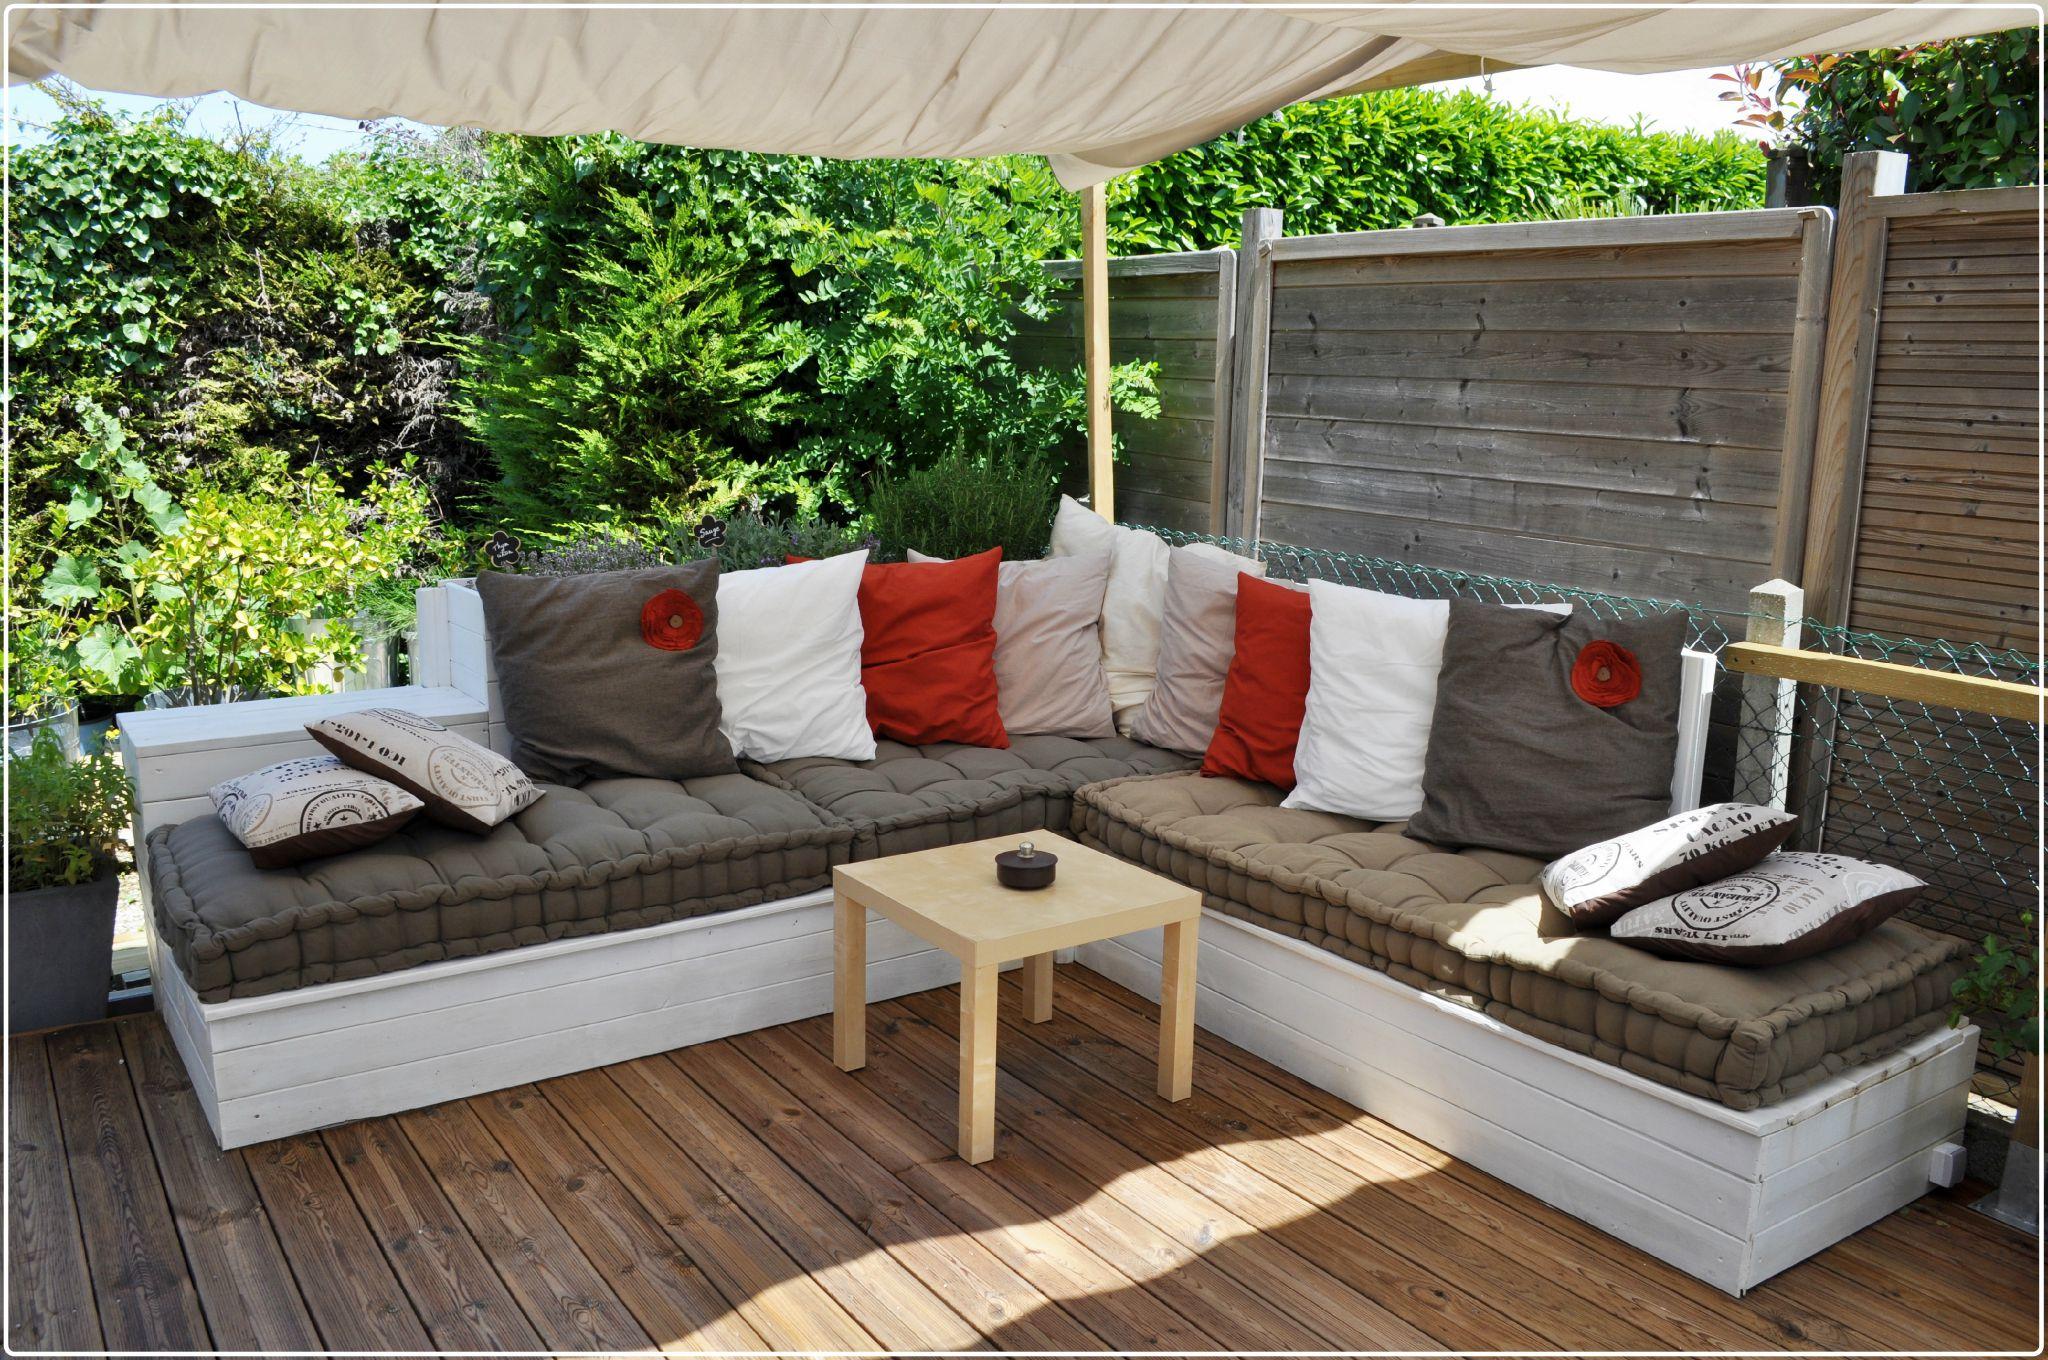 Salon de jardin interieur exterieur - Abri de jardin et ...